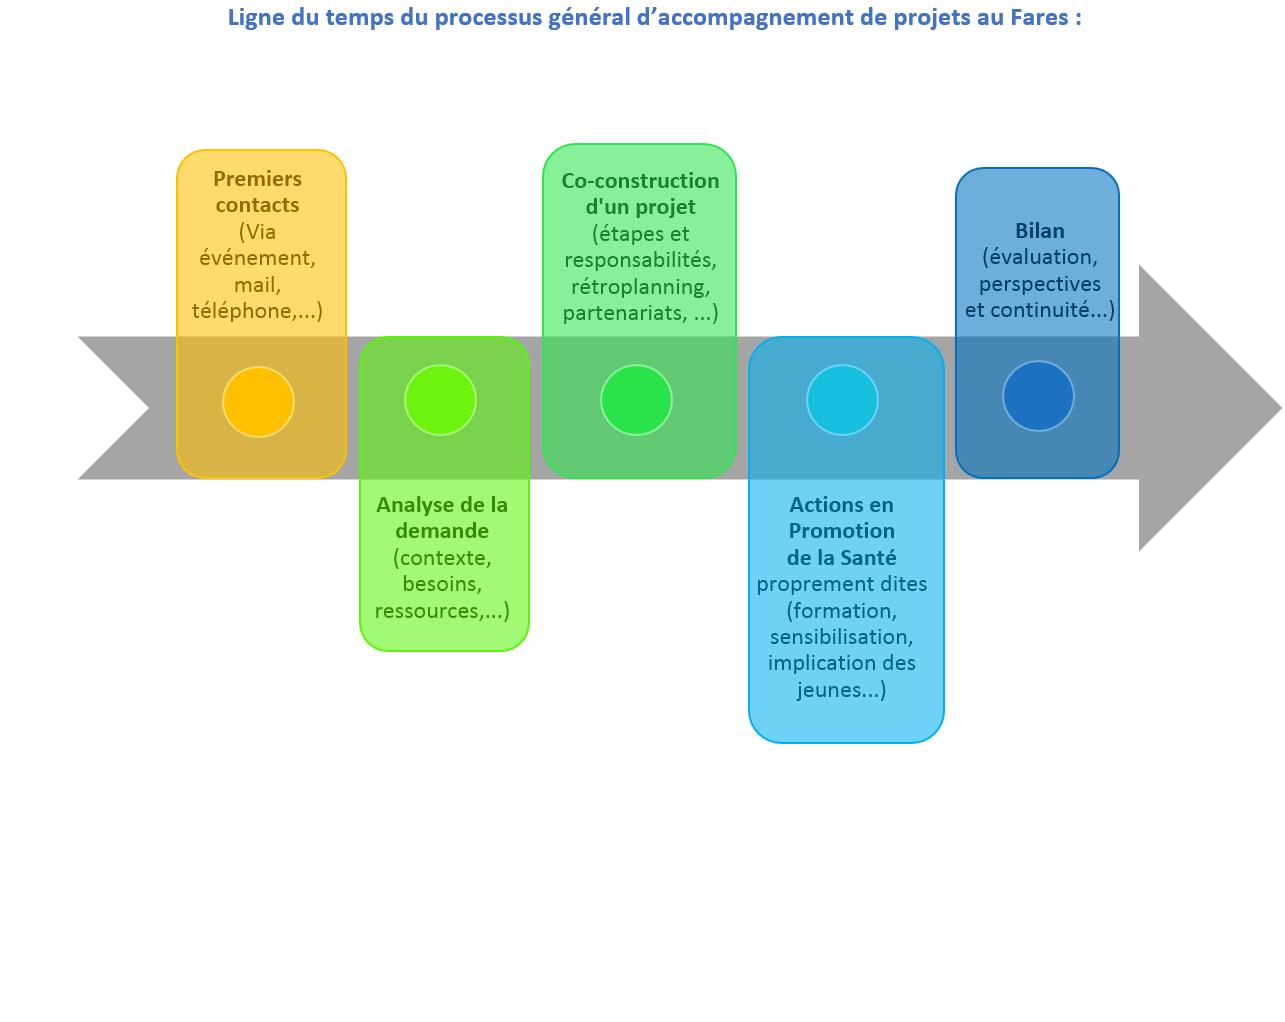 ligne du temps processus accompagnement de projets Fares.png